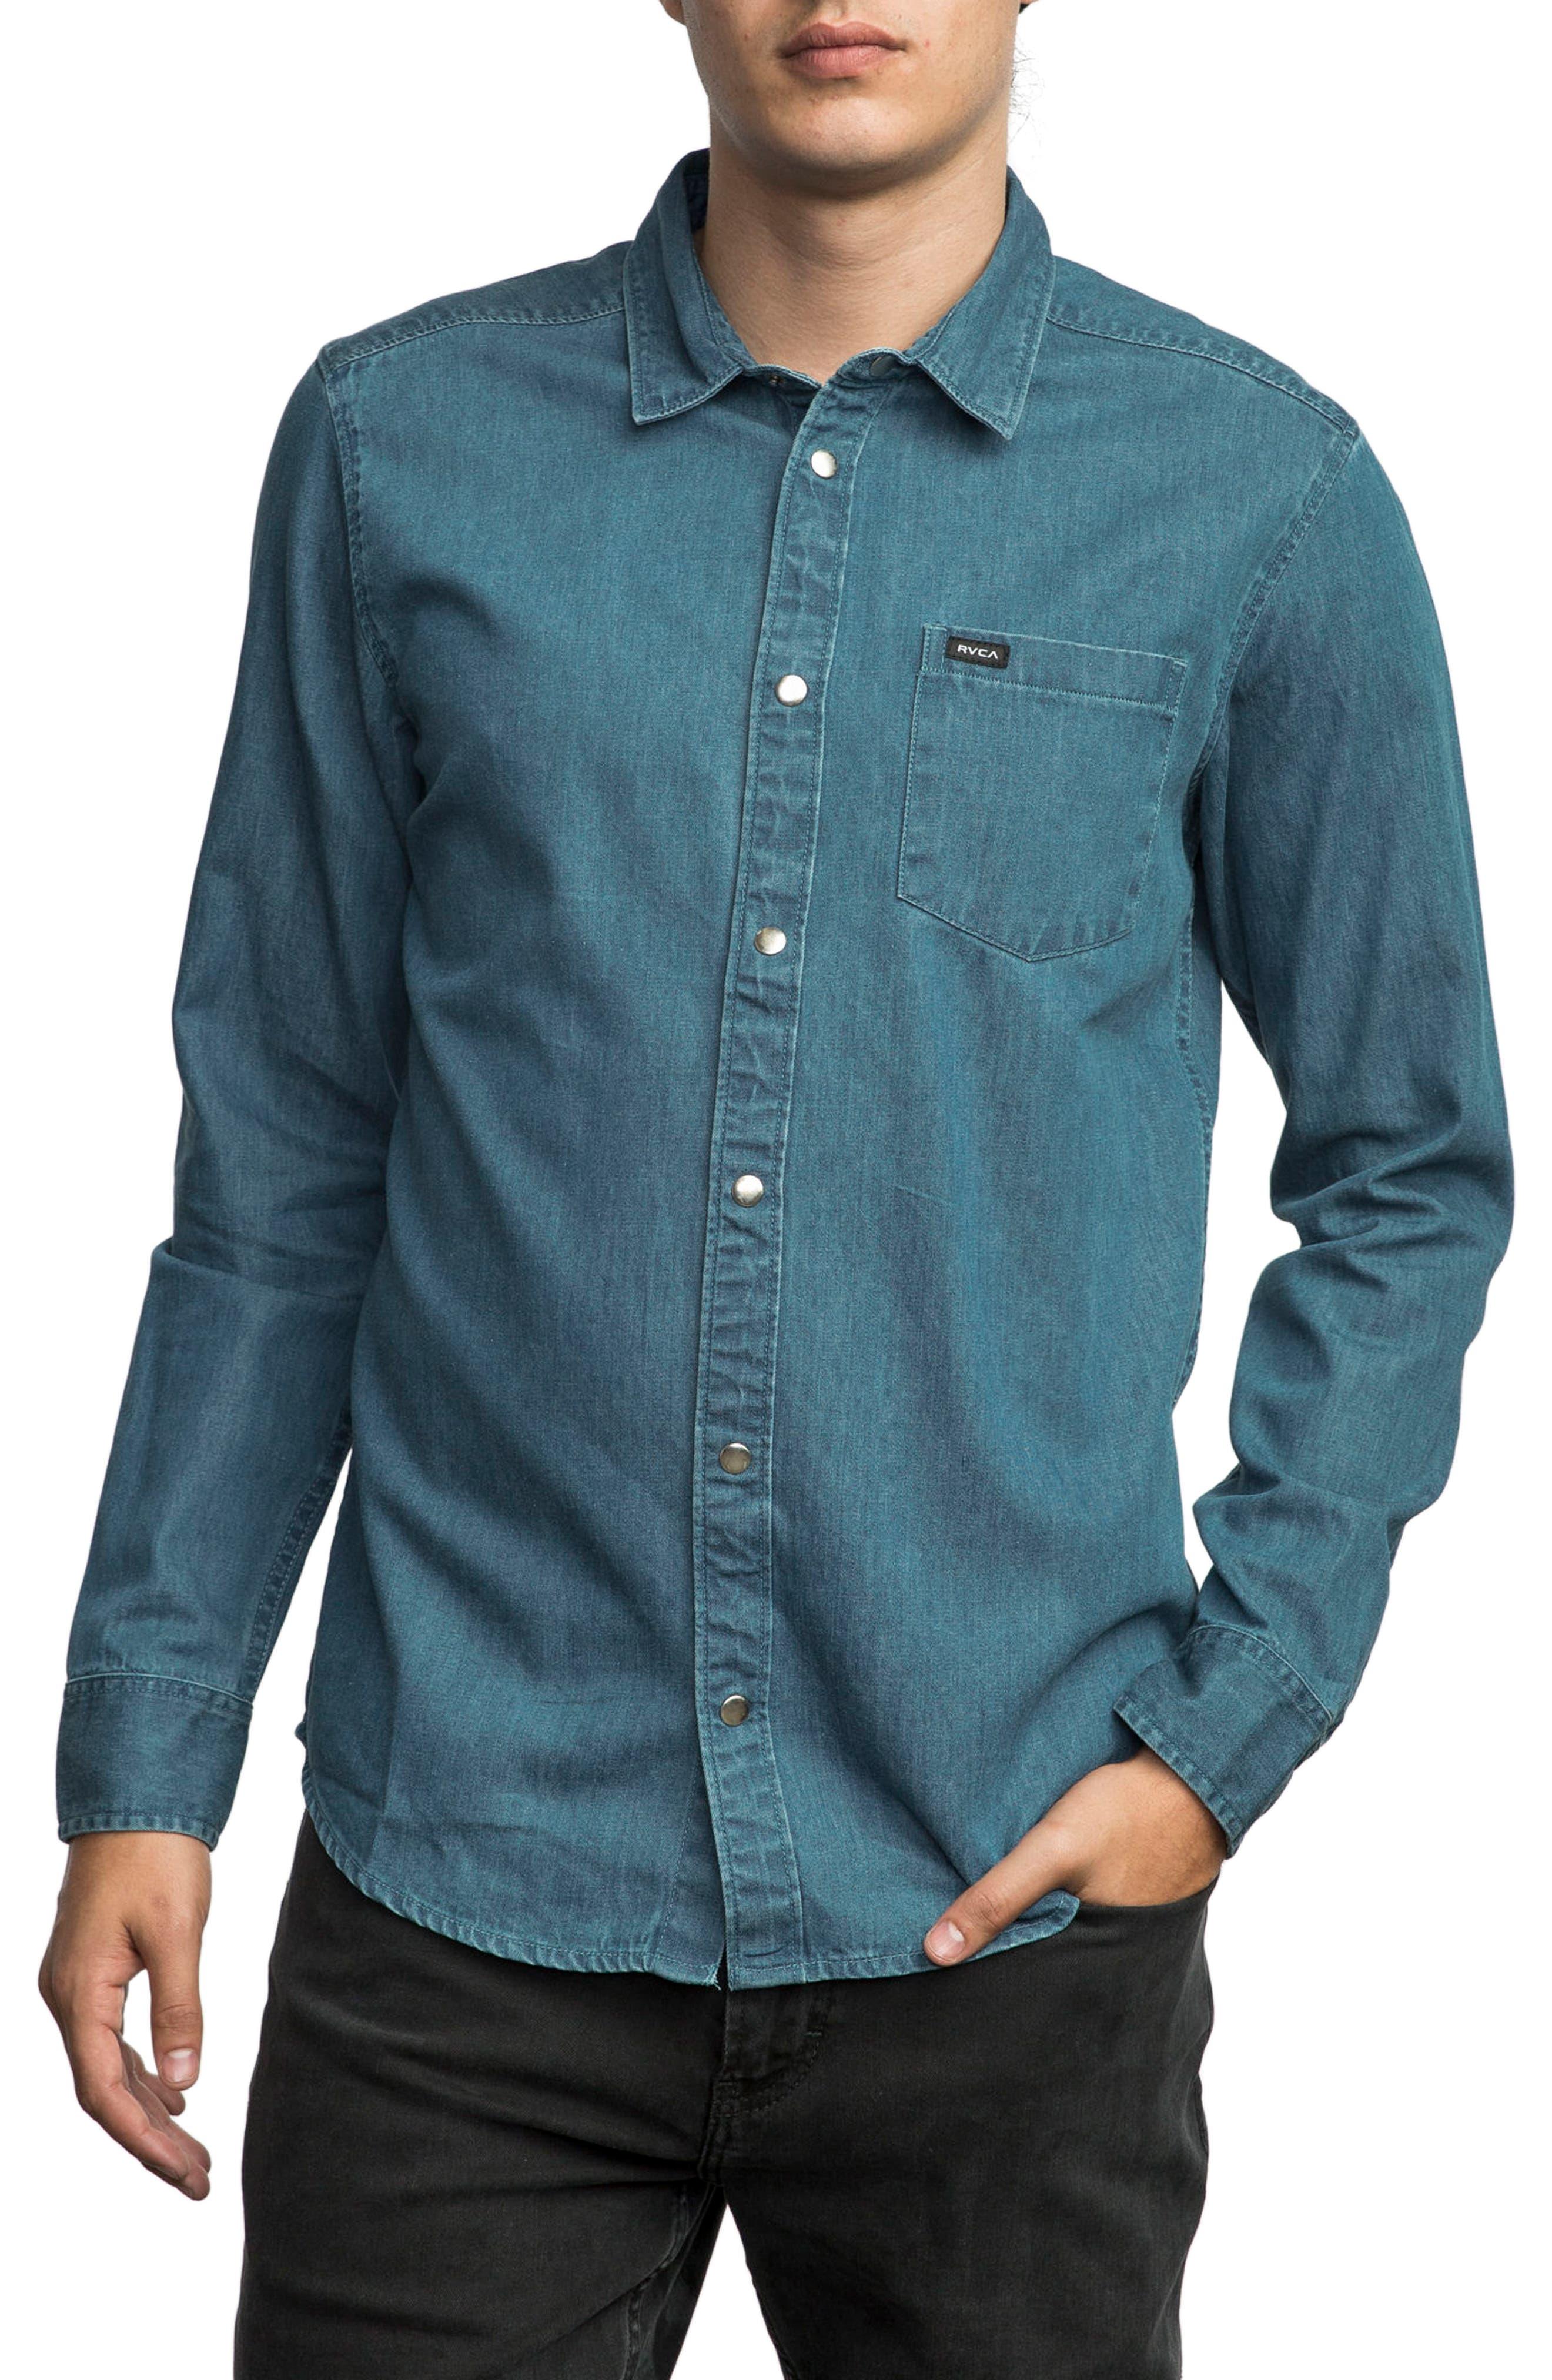 Alternate Image 1 Selected - RVCA Mason Snap Front Chambray Shirt